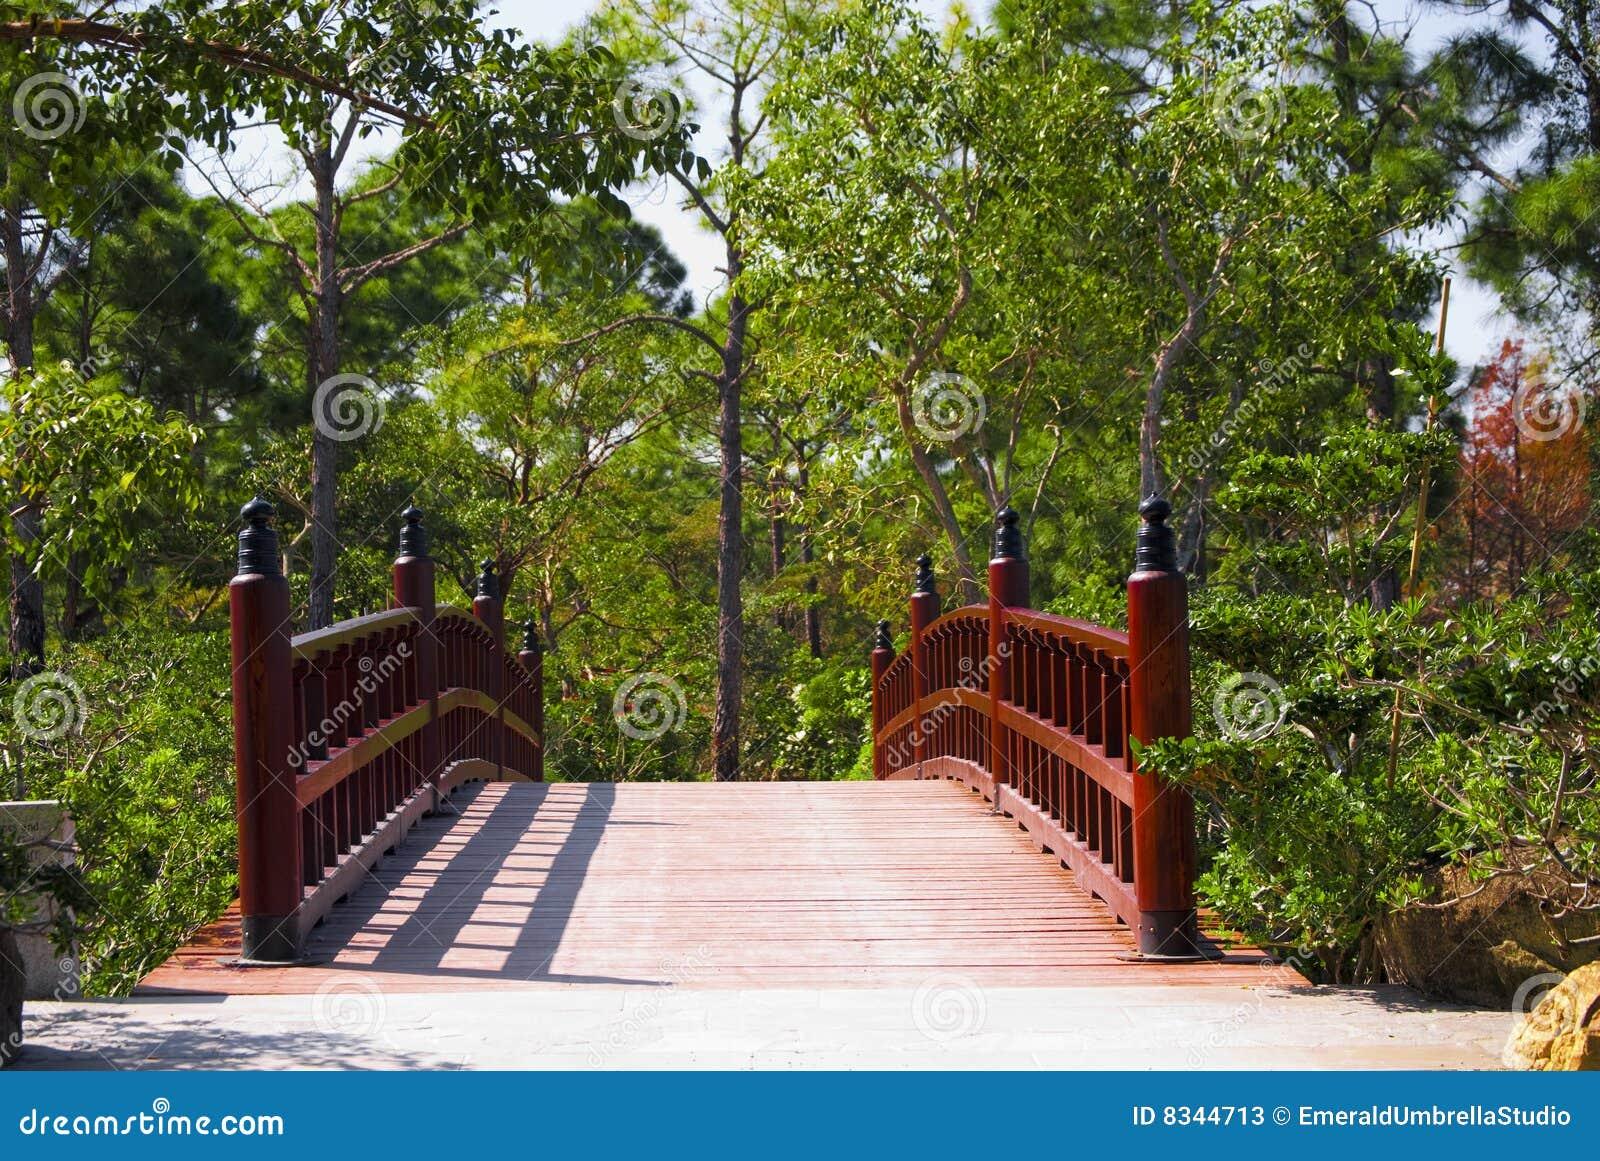 Asian Bridge Stock Photos Image 8344713